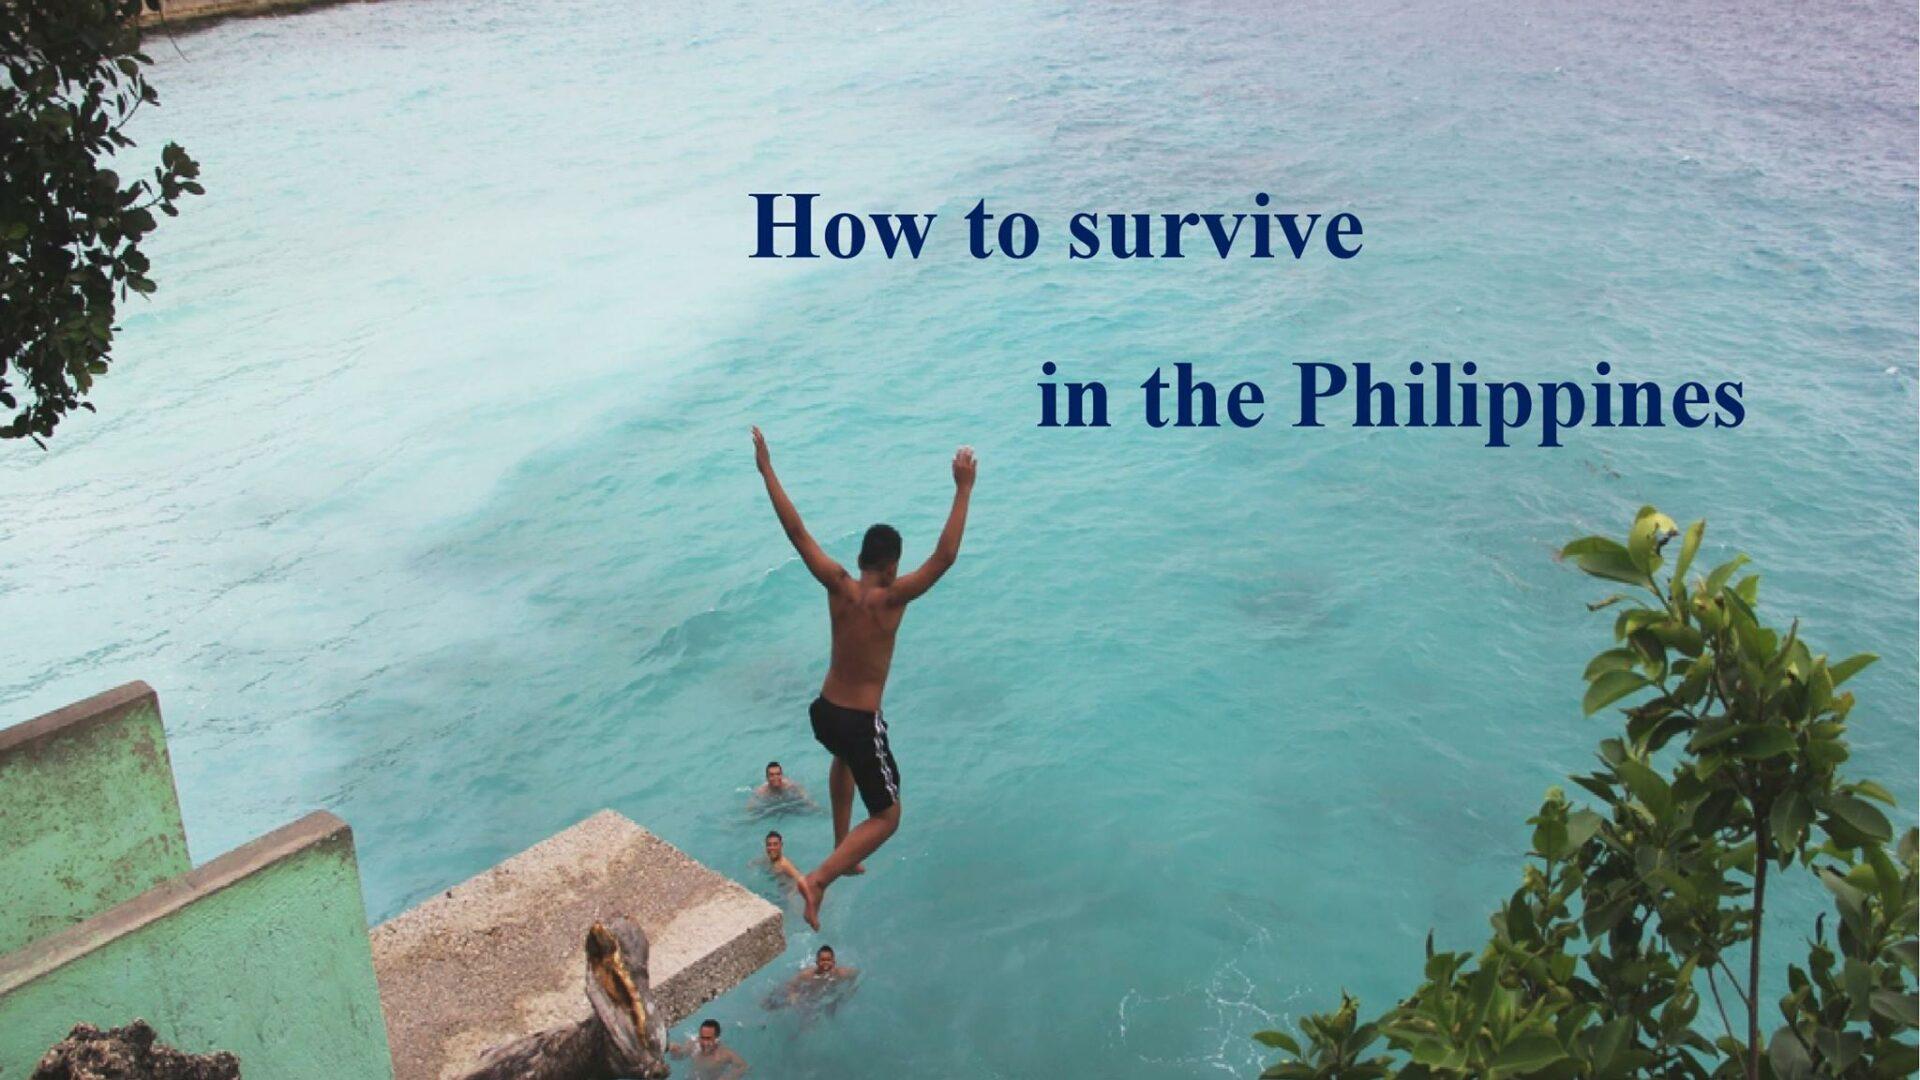 Chia sẻ: Làm sao để sống sót ở Philippines